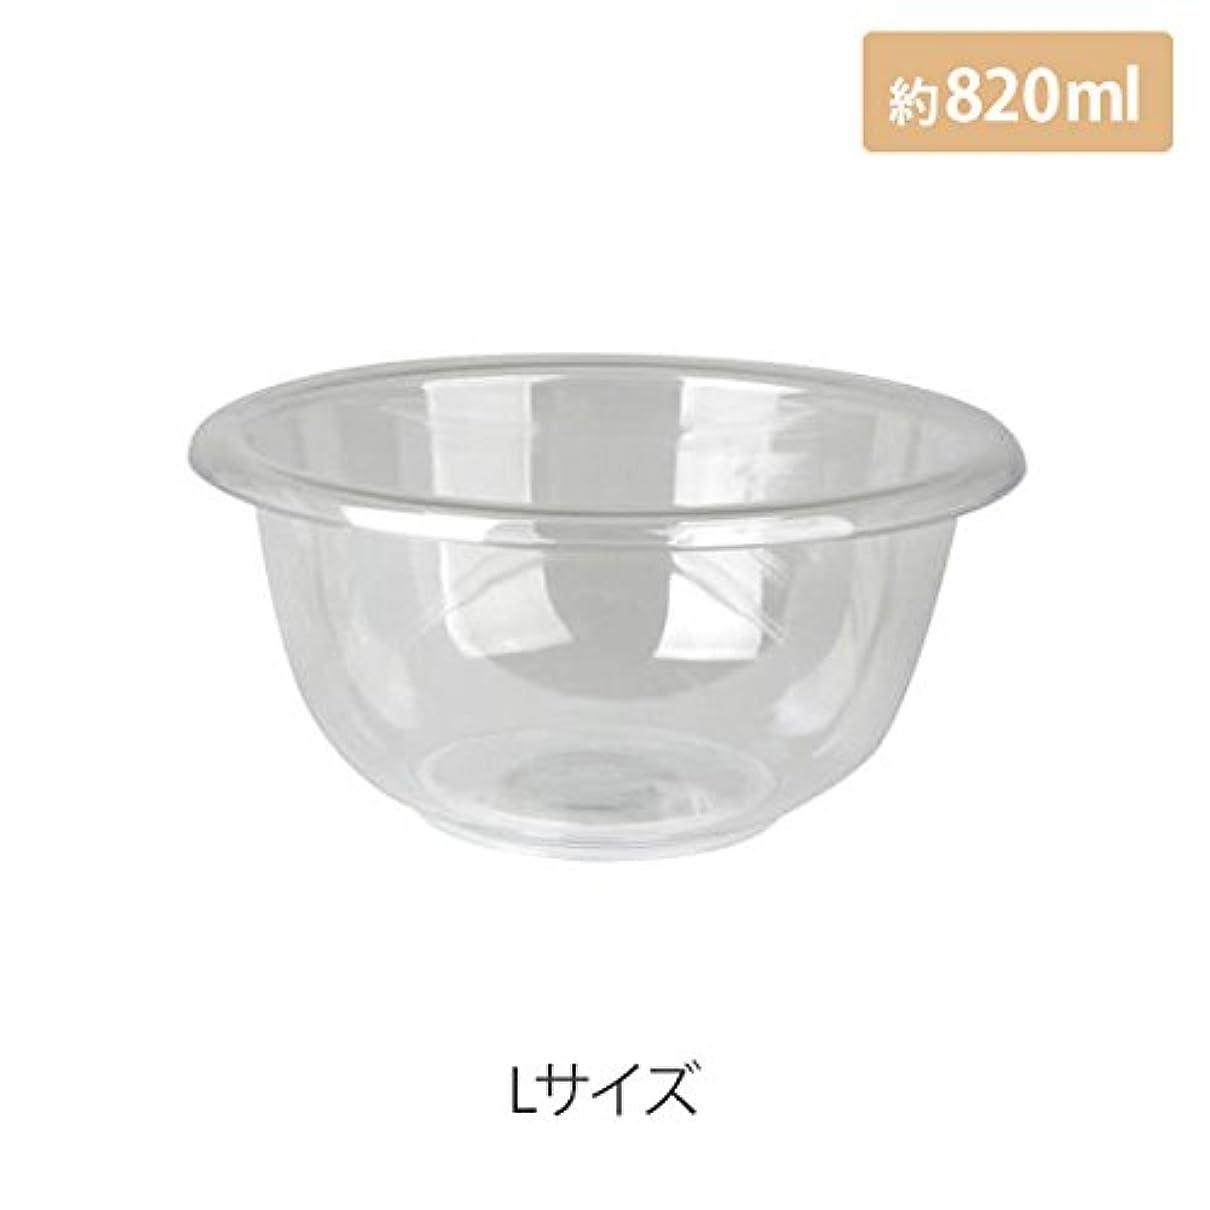 真鍮送金マイスター プラスティックボウル (Lサイズ) クリア 直径19.5cm [ プラスチックボール カップボウル カップボール エステ サロン プラスチック ボウル カップ 割れない ]